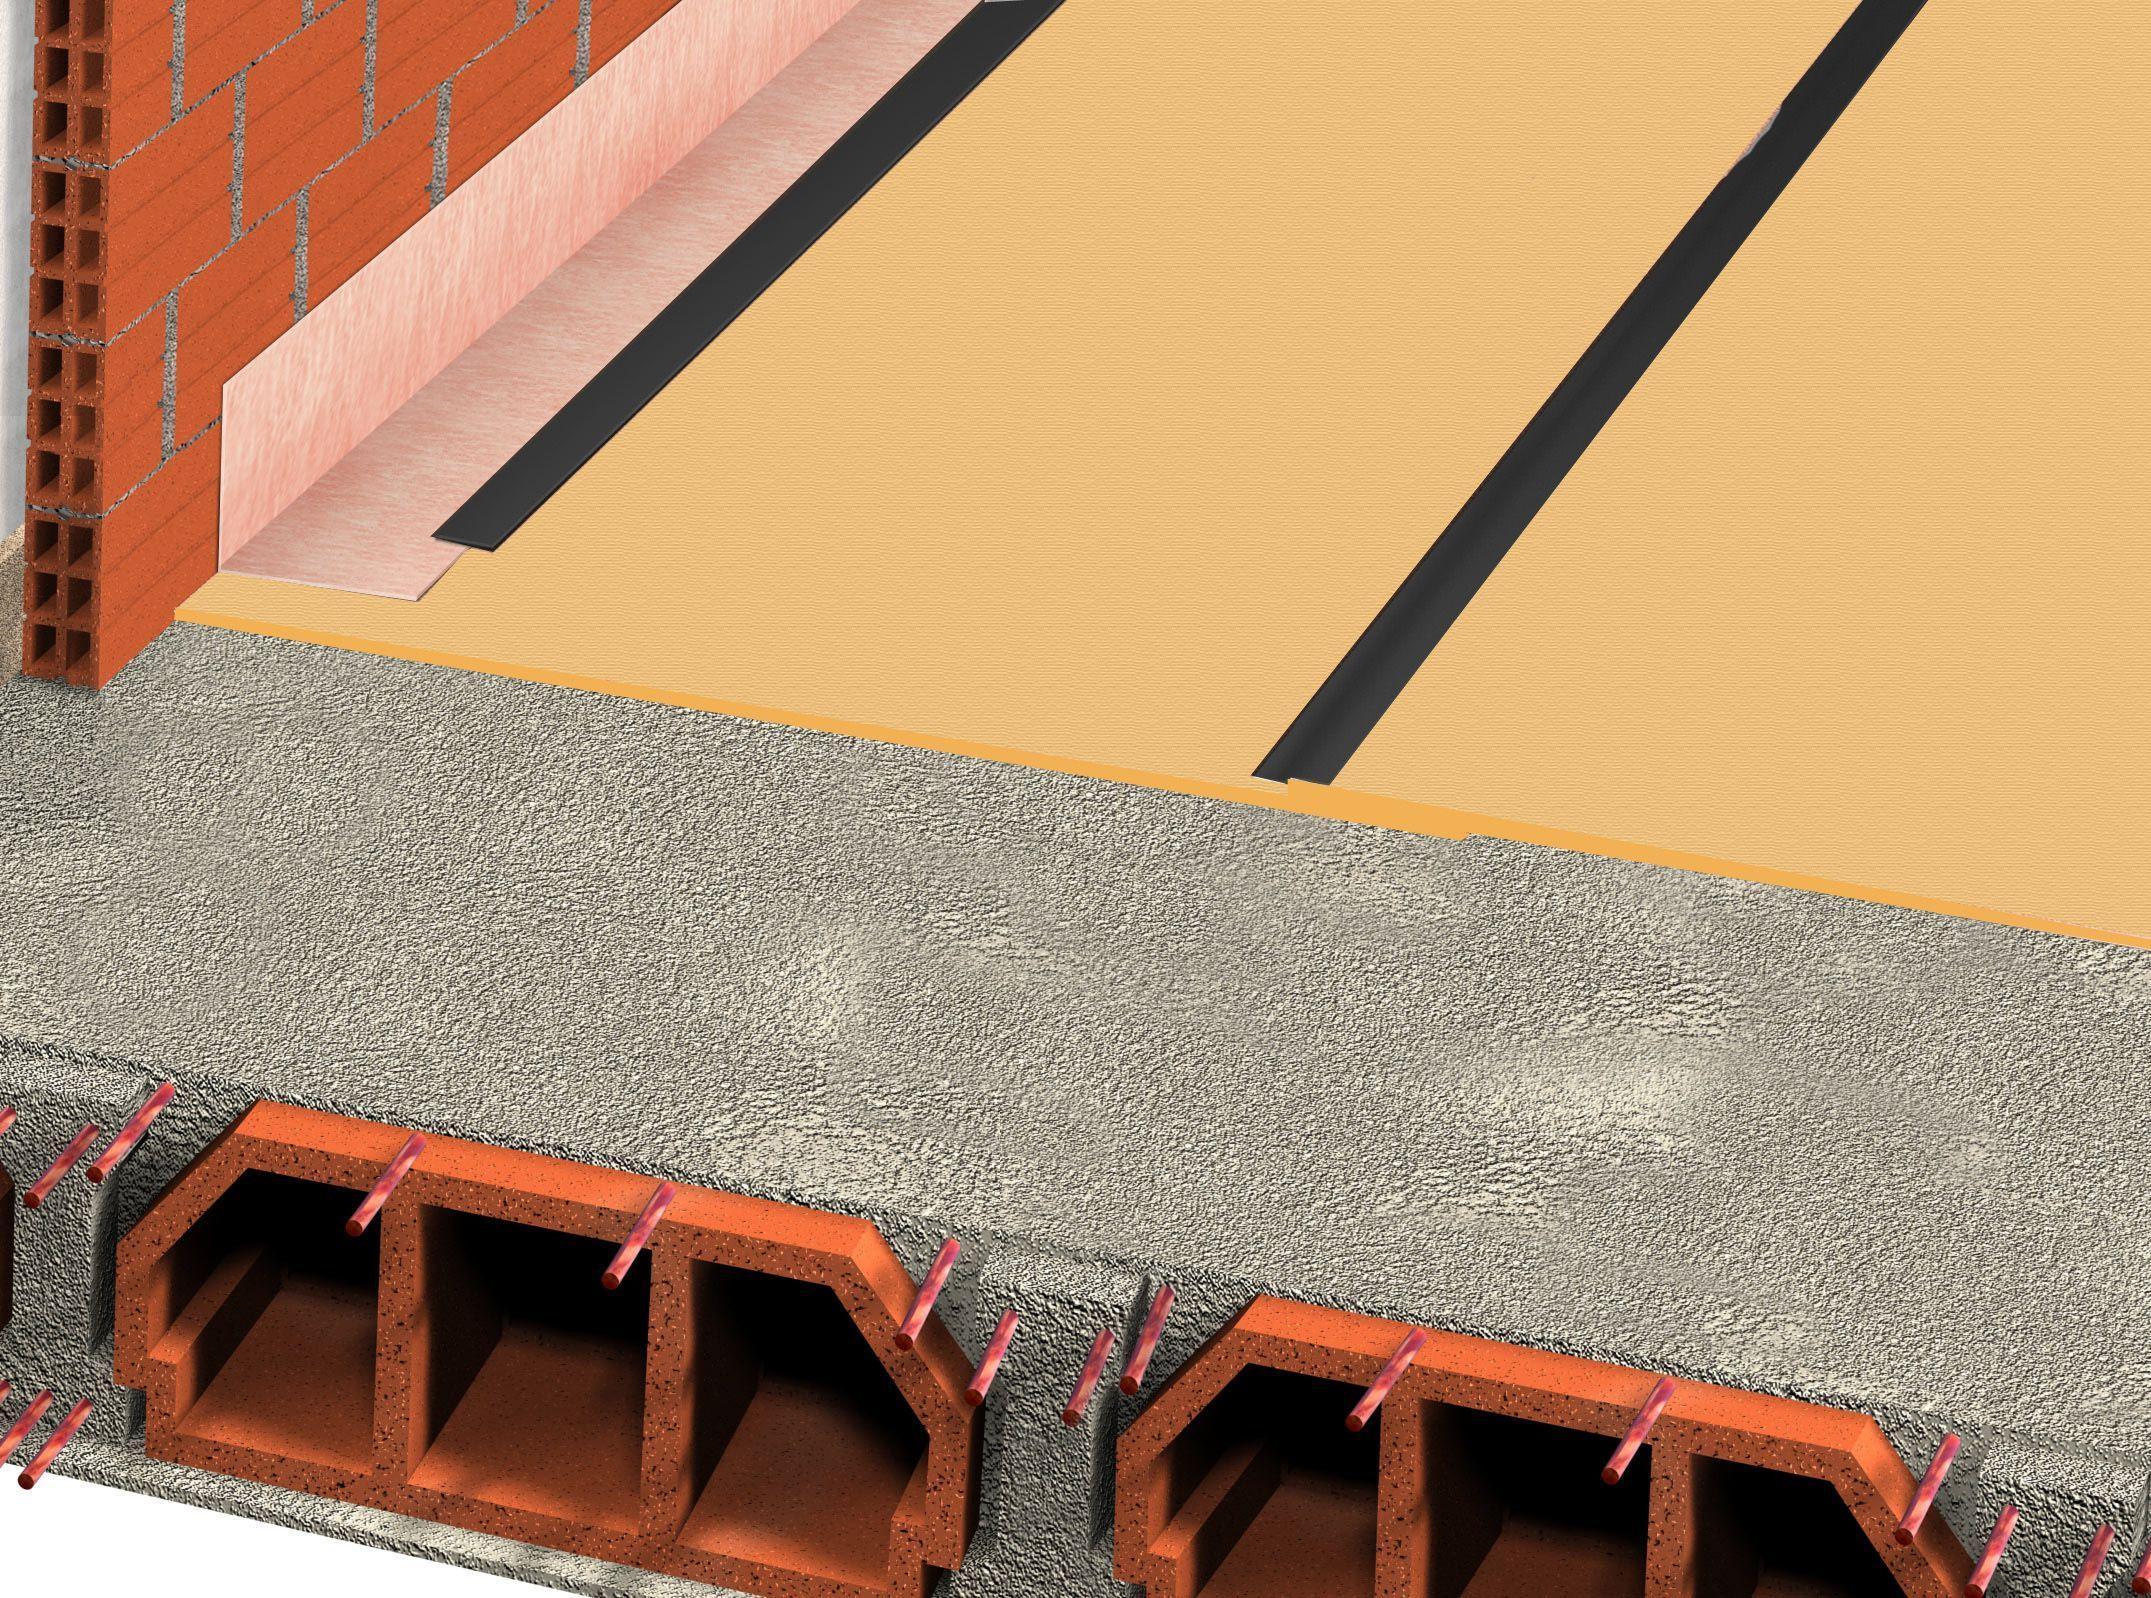 aislamiento-acustico-suelos-sistema3-7R